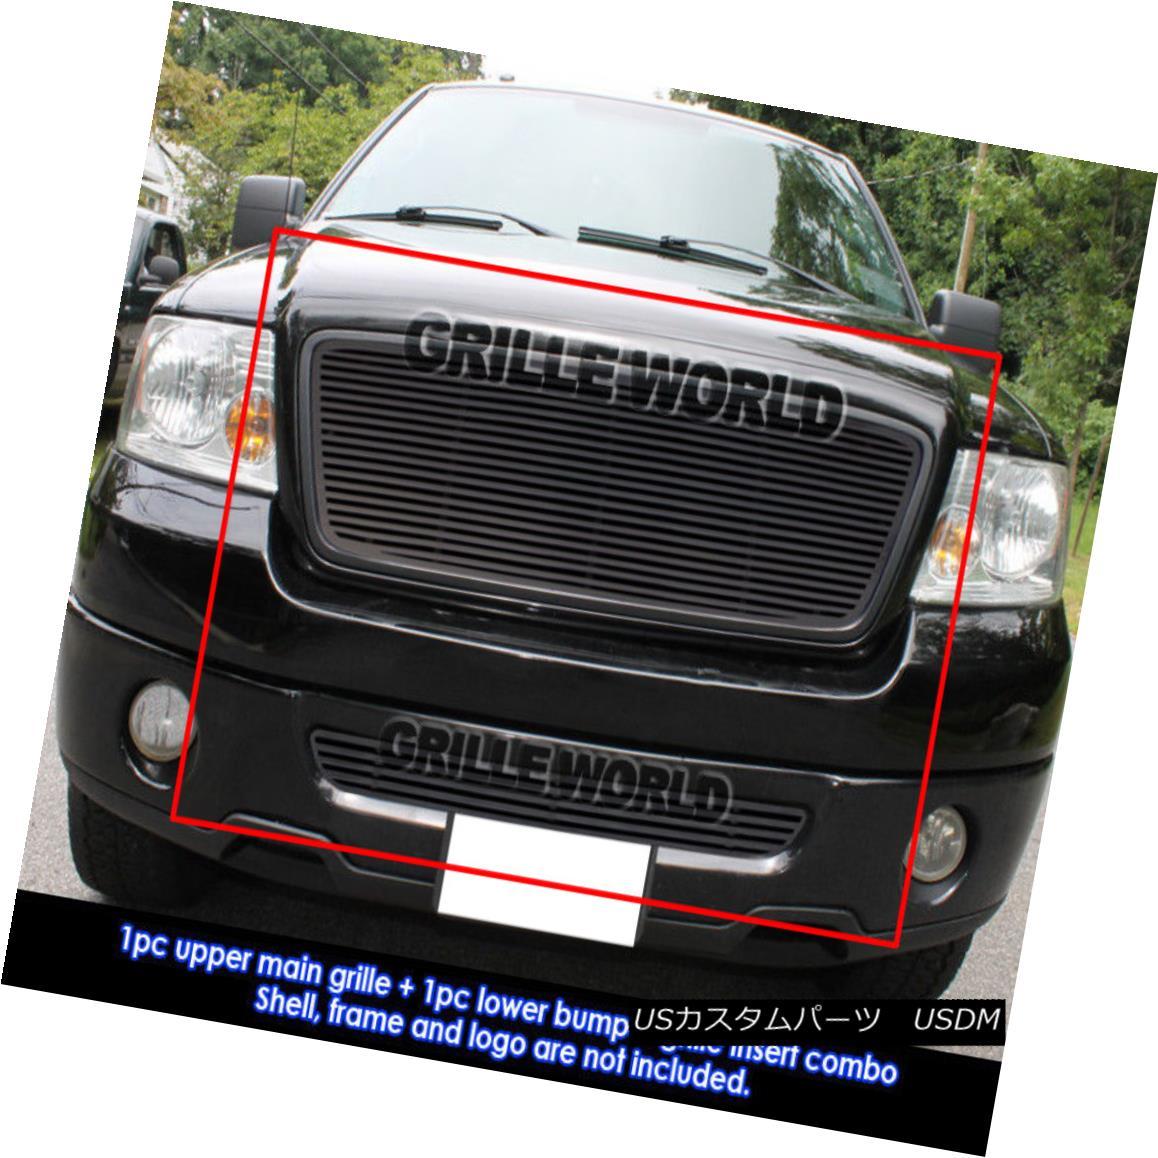 グリル For 2006-2008 Ford F-150 Honeycomb Style Black Perimeter Grill Insert Combo 2006?2008年フォードF-150ハニカムスタイルの黒いペリメーターグリルインサートコンボ用